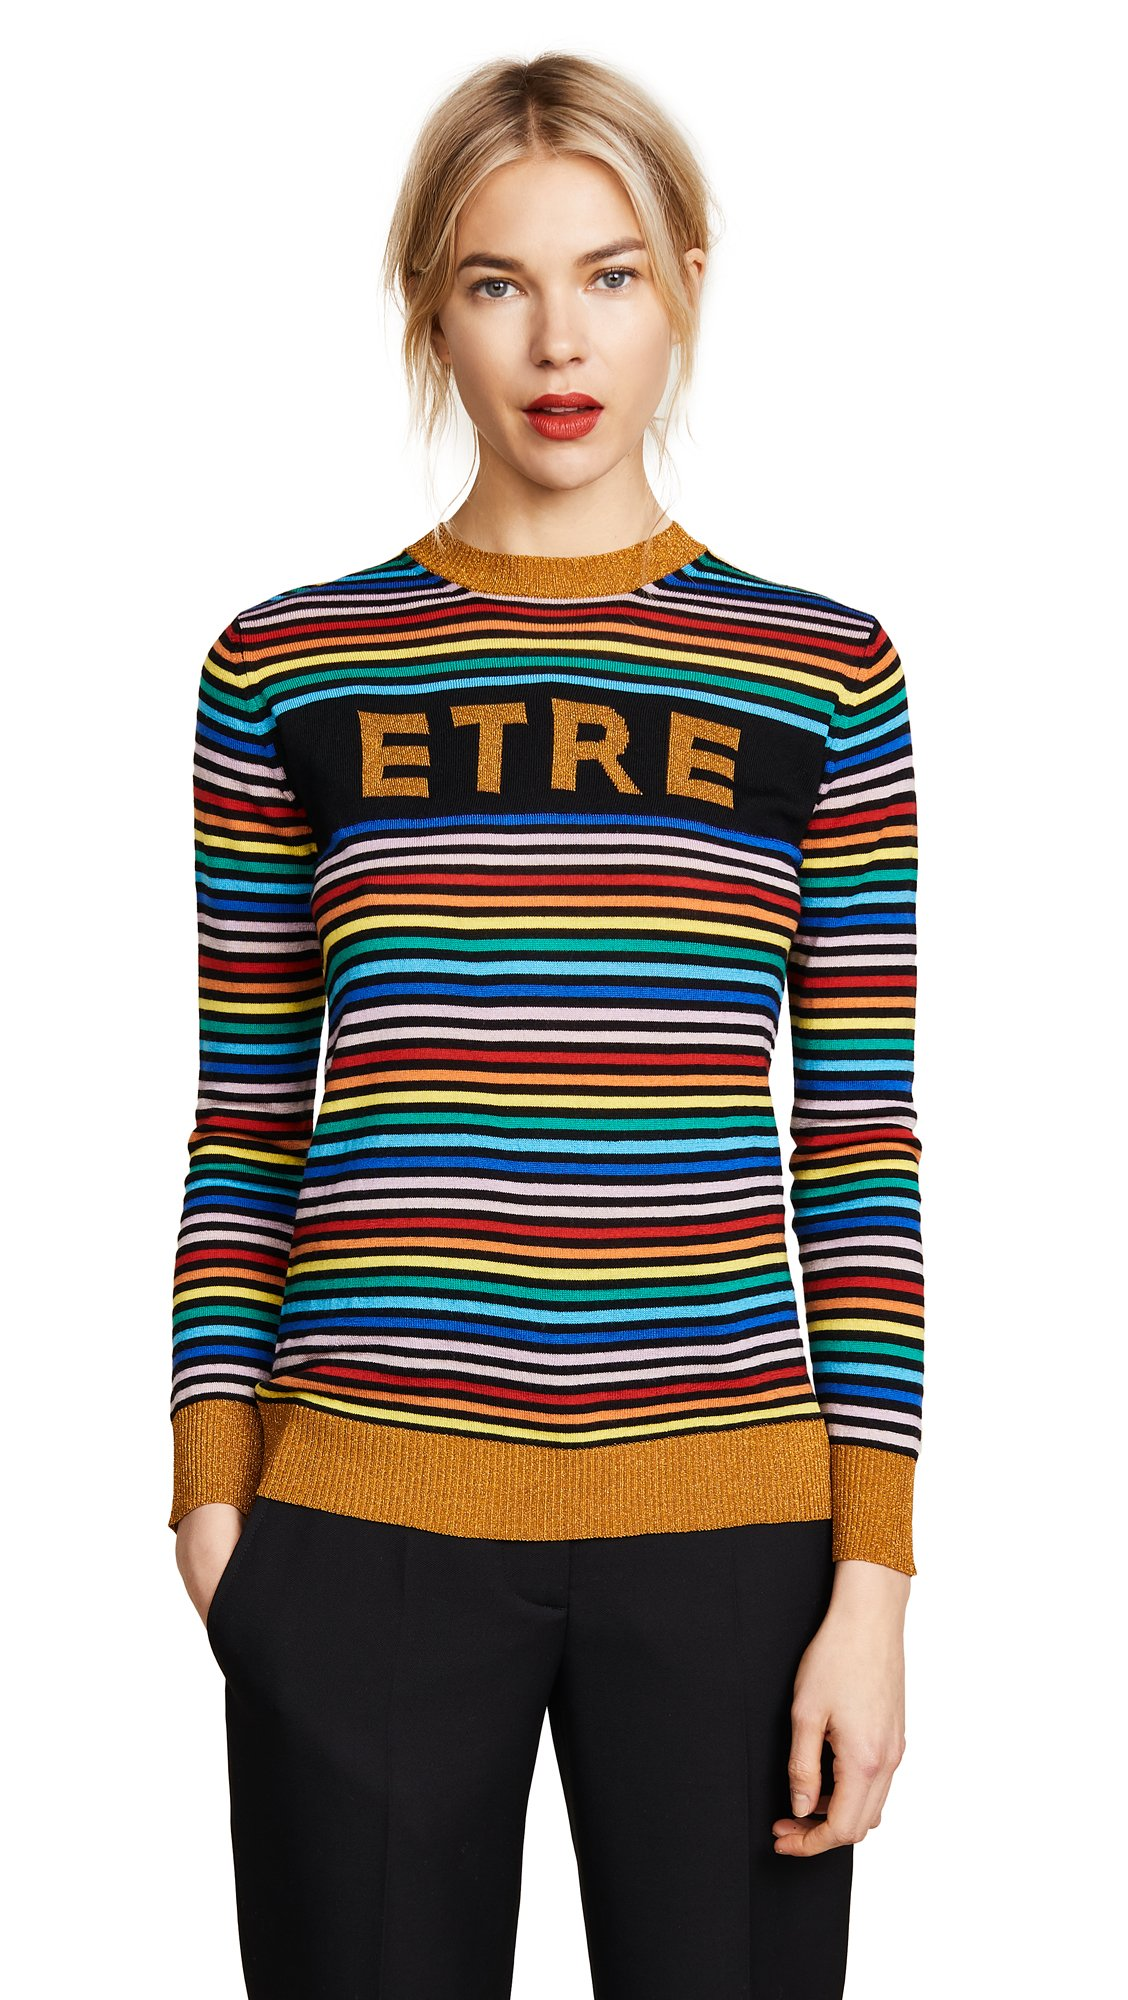 Etre Cecile Women's Etre Boyfriend Crew Knit Sweater, Multi Stripe, Large